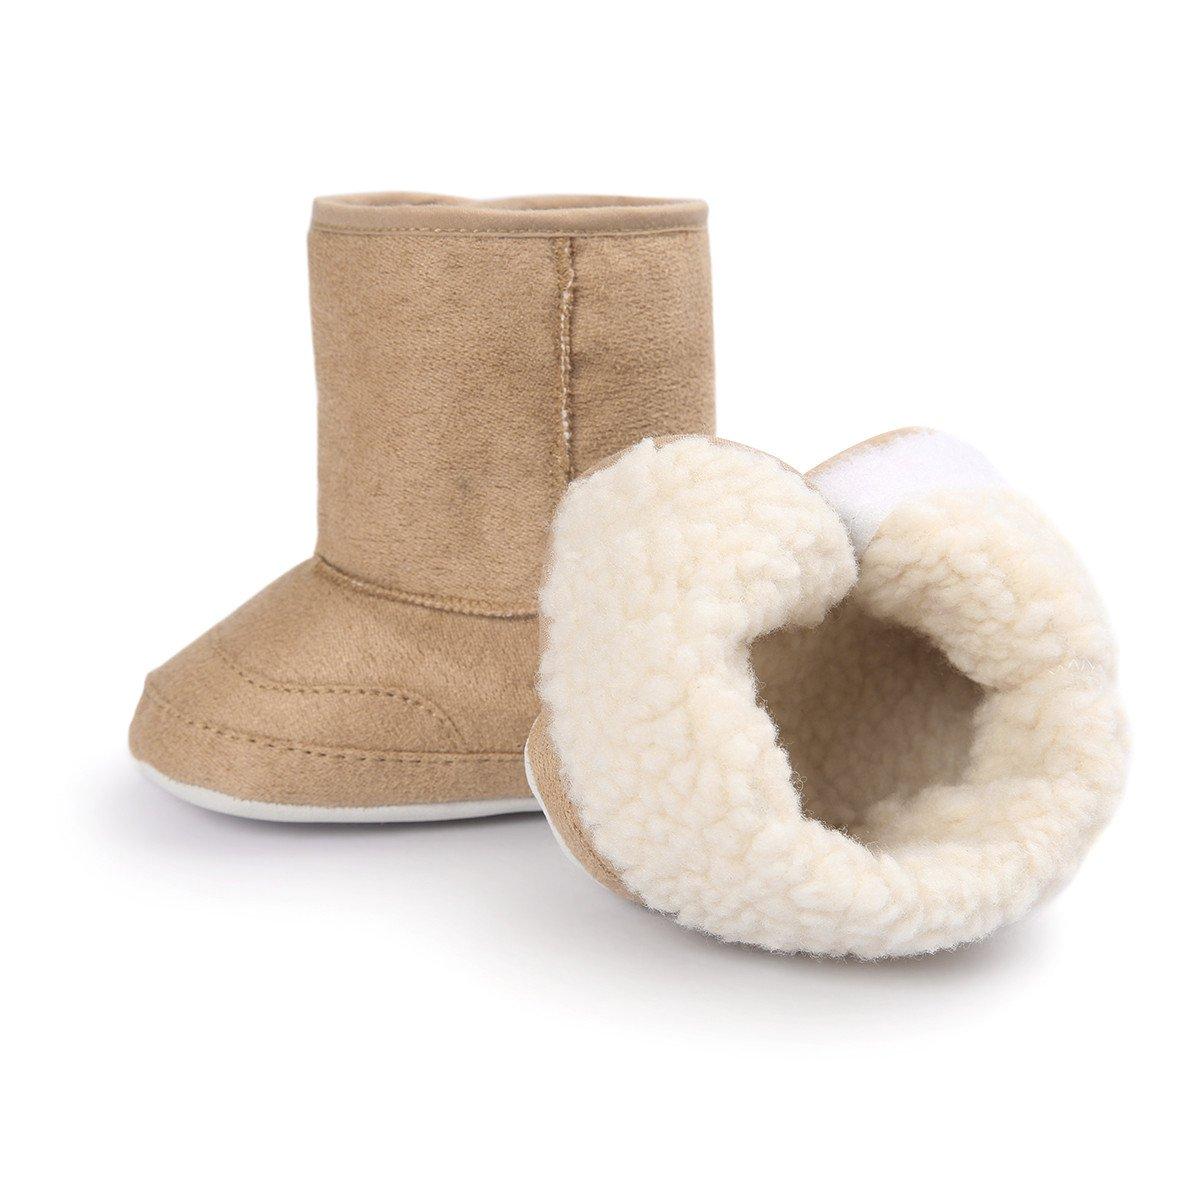 Zapatos de bebe Invierno Fossen Botas de nieve de suela suave para Reci/én Nacido ni/ños ni/ña Primeros Pasos